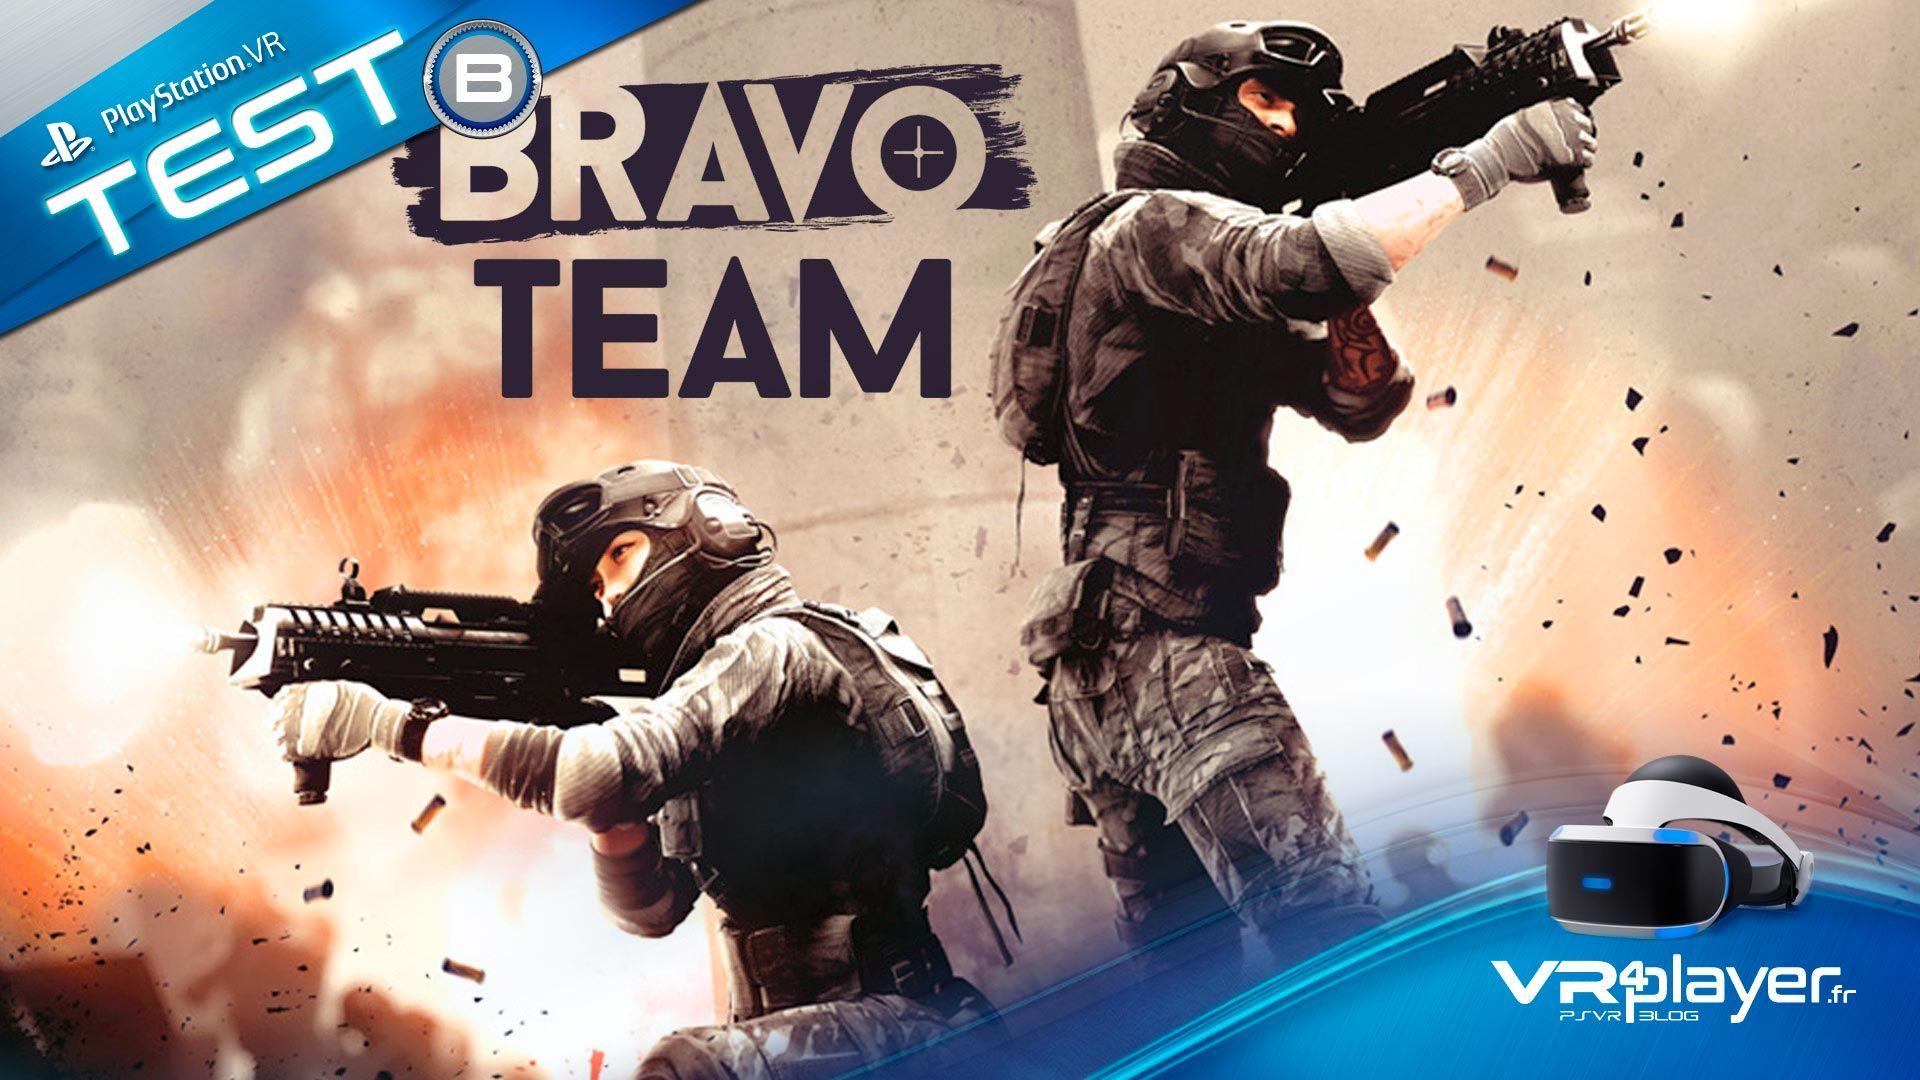 Épinglé sur VR4player.fr PlayStation VR PSVR